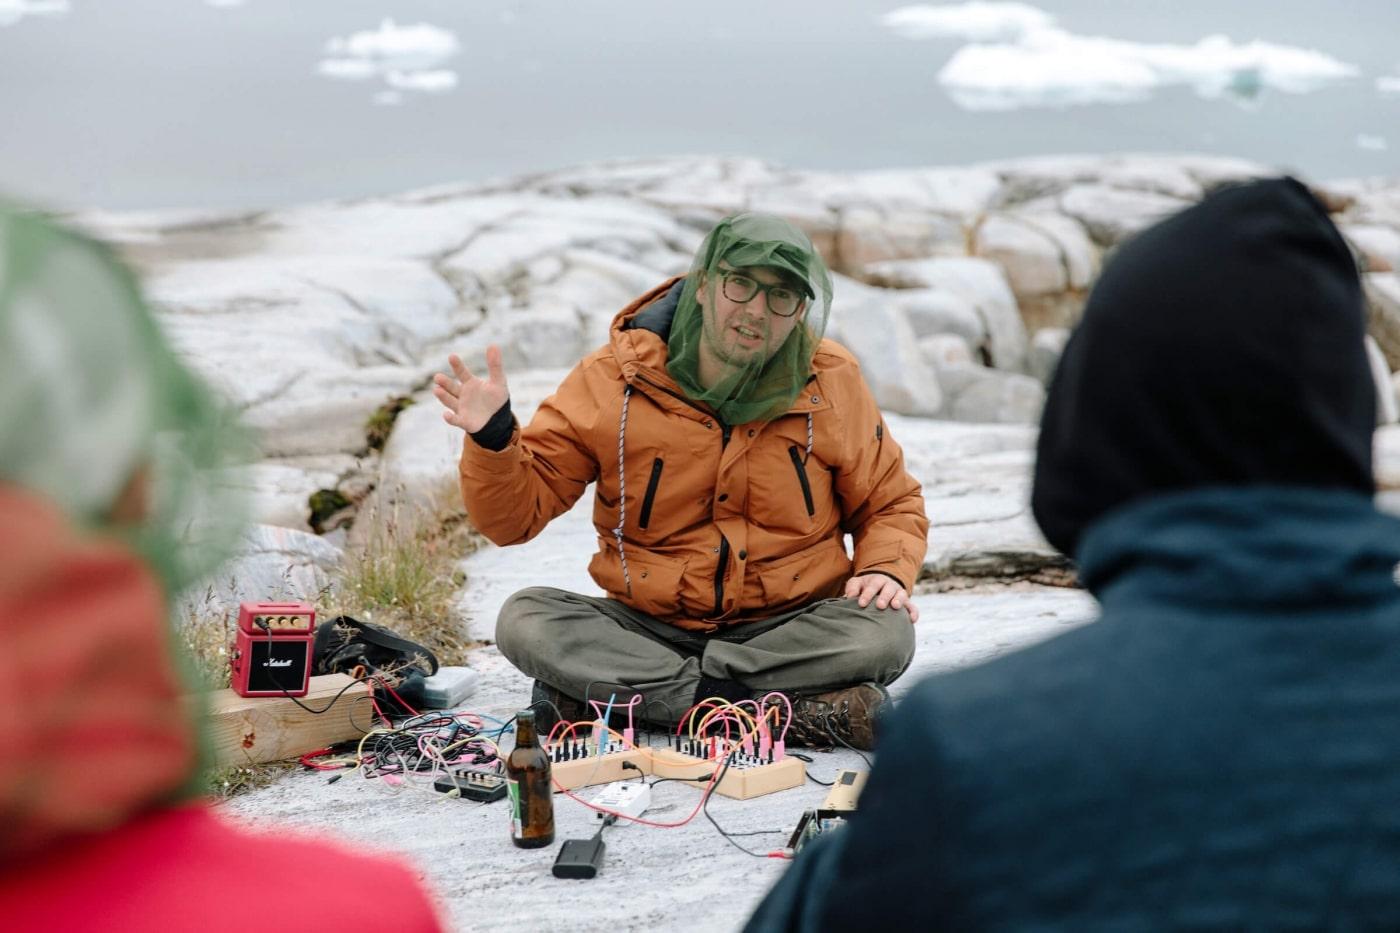 Woutr von Jaspers during his performance. Photo by Jessie Brinkman Evans - Visit Greenland